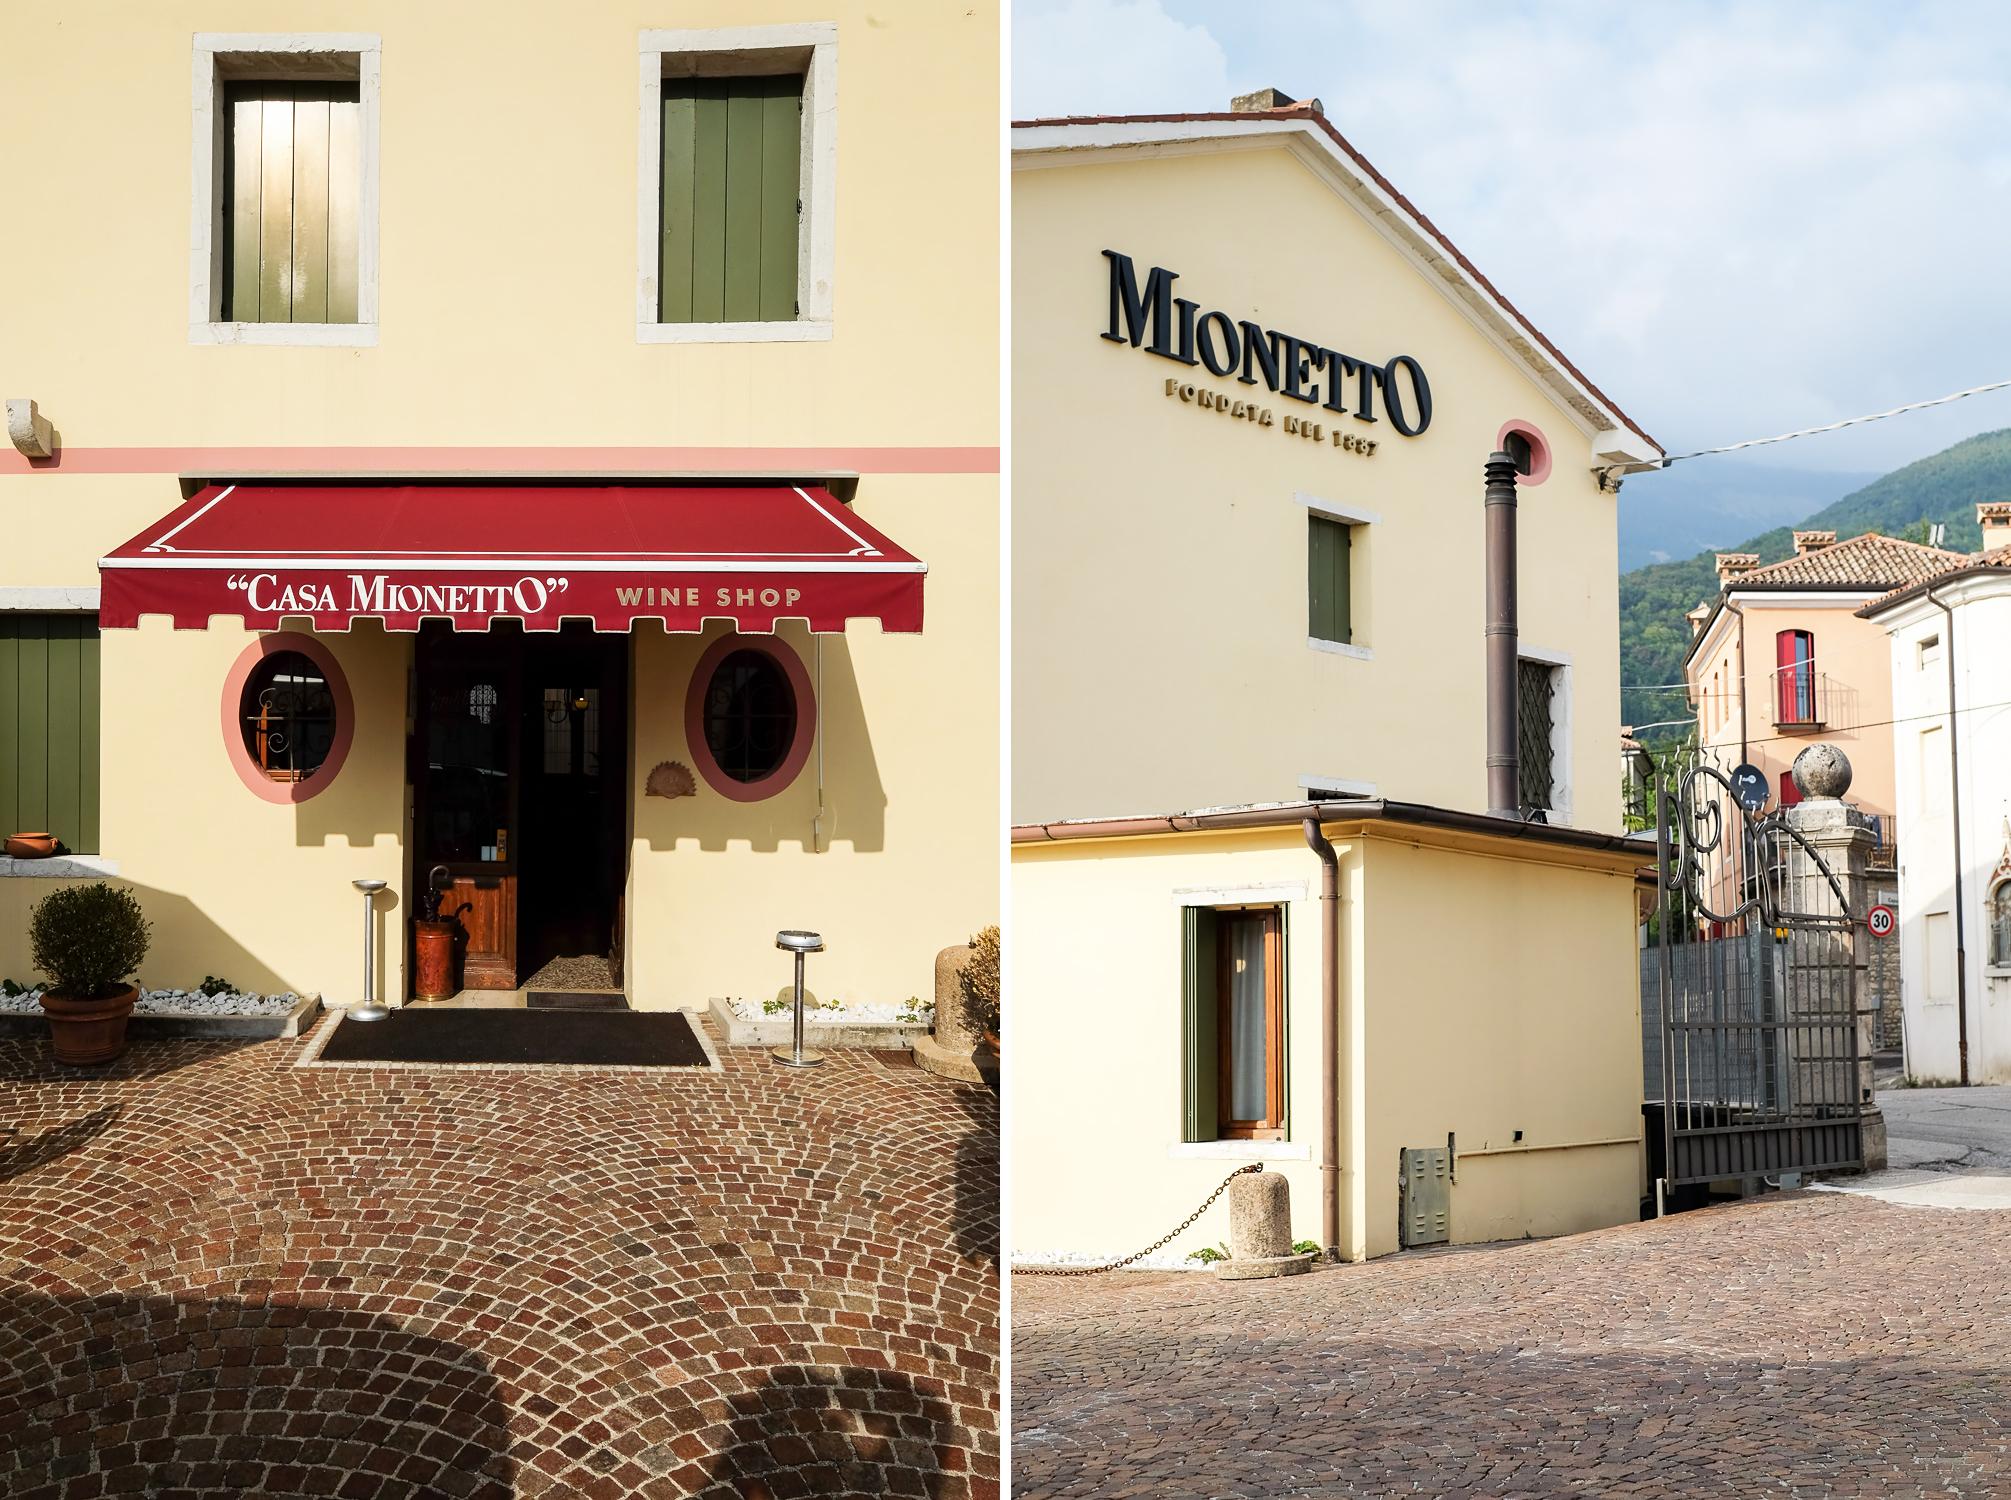 The home of Mionetto prosecco sparkling wine founded in 1887 in Valdobbiadene, Veneto